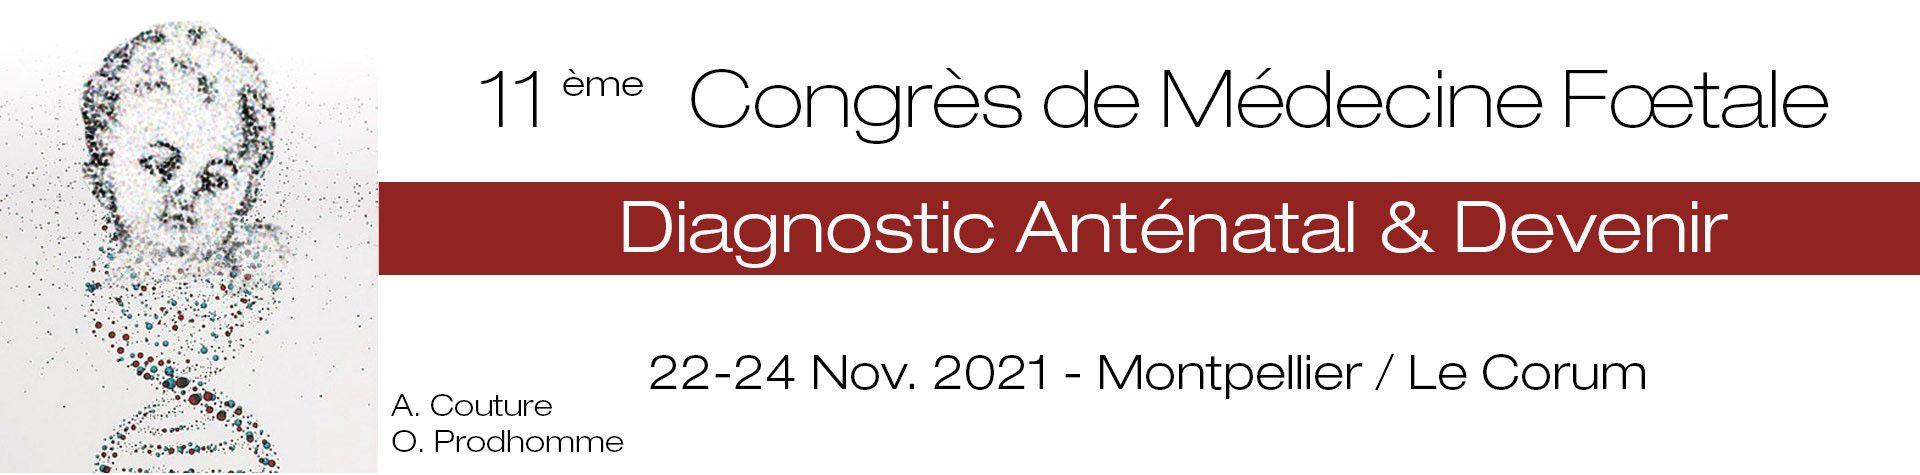 11ème Congrès de médecine fœtale